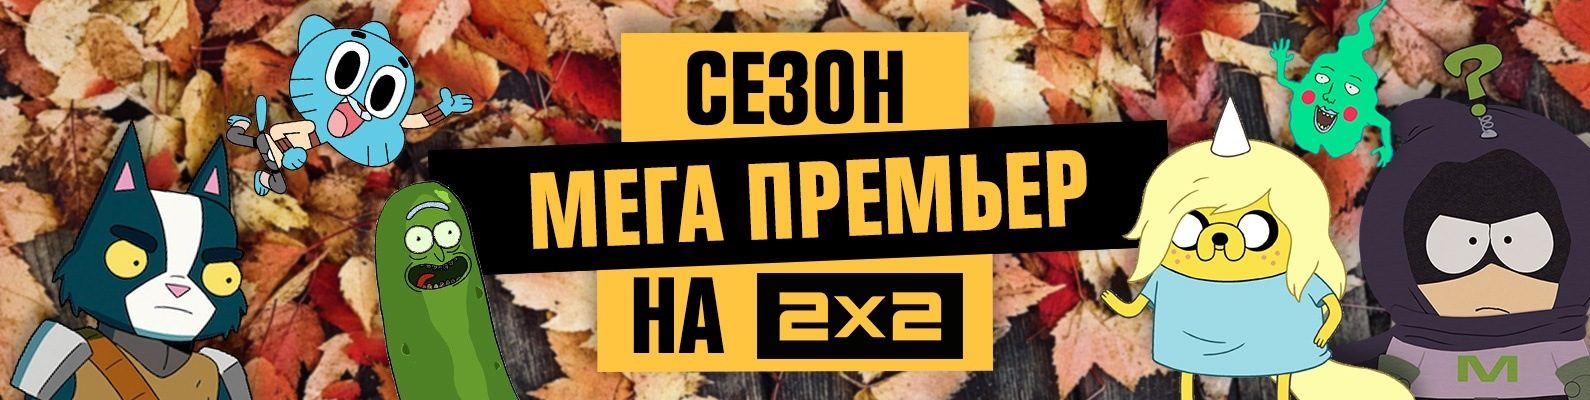 2x2 канал смотреть онлайн секс